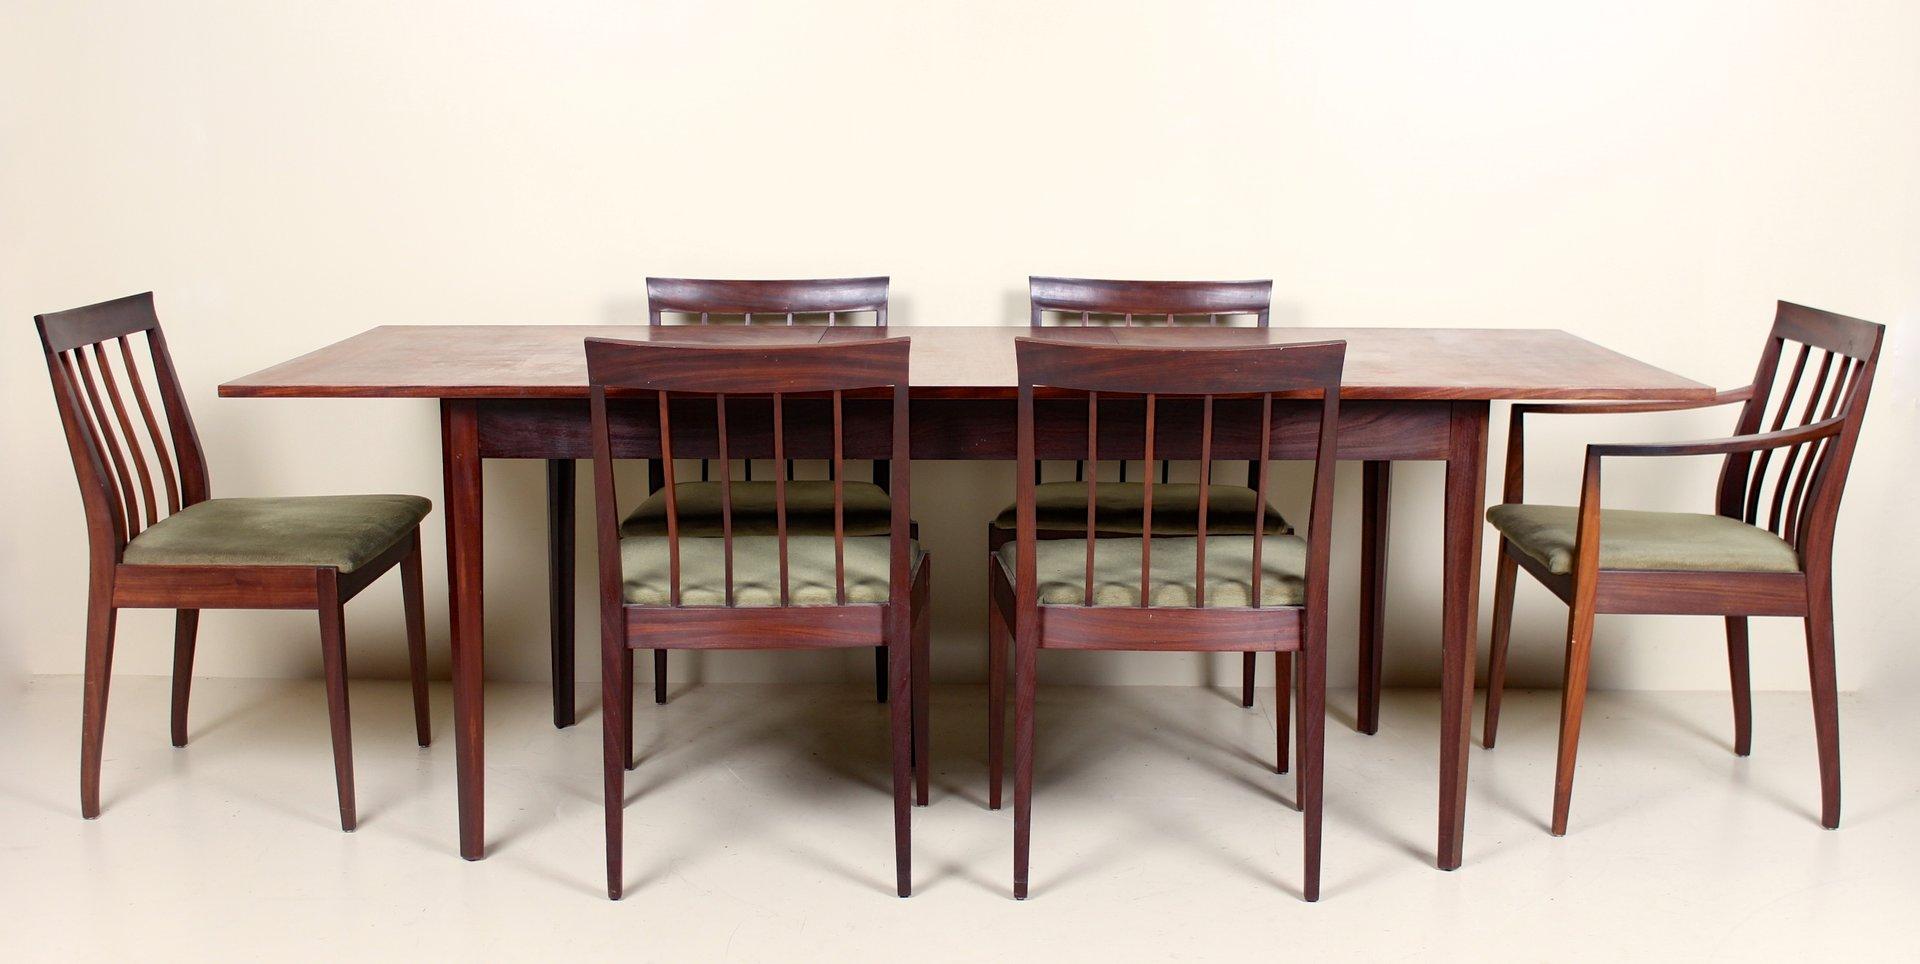 vintage esstisch 6 st hle 1970er haustechnik thiel. Black Bedroom Furniture Sets. Home Design Ideas